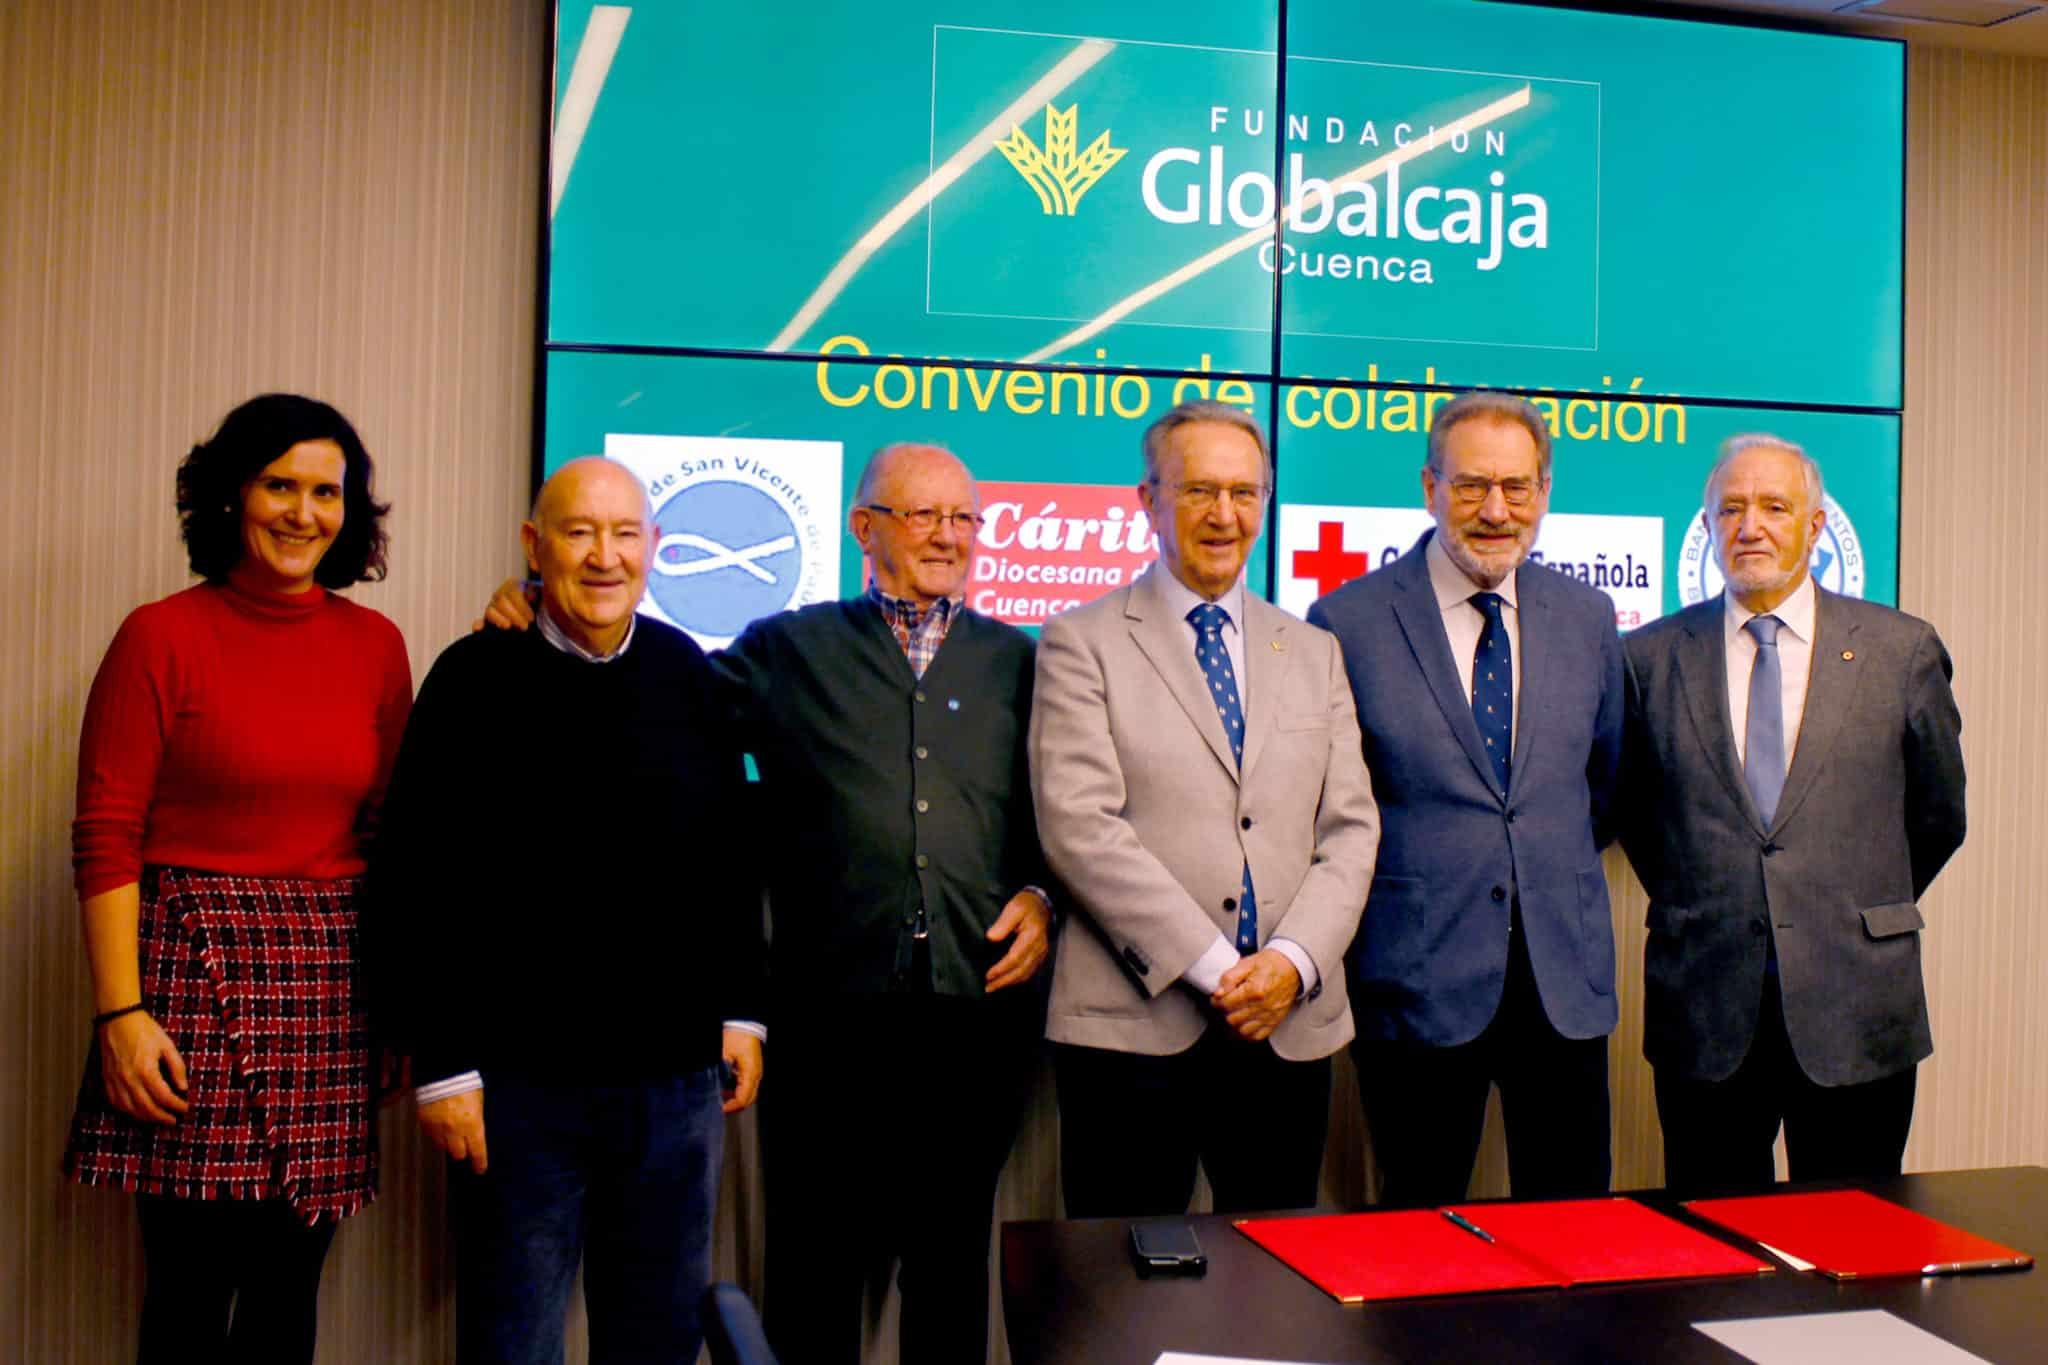 https://blog.globalcaja.es/wp-content/uploads/2019/12/Globalcaja-Banco-de-alimentos-Cuenca.jpg